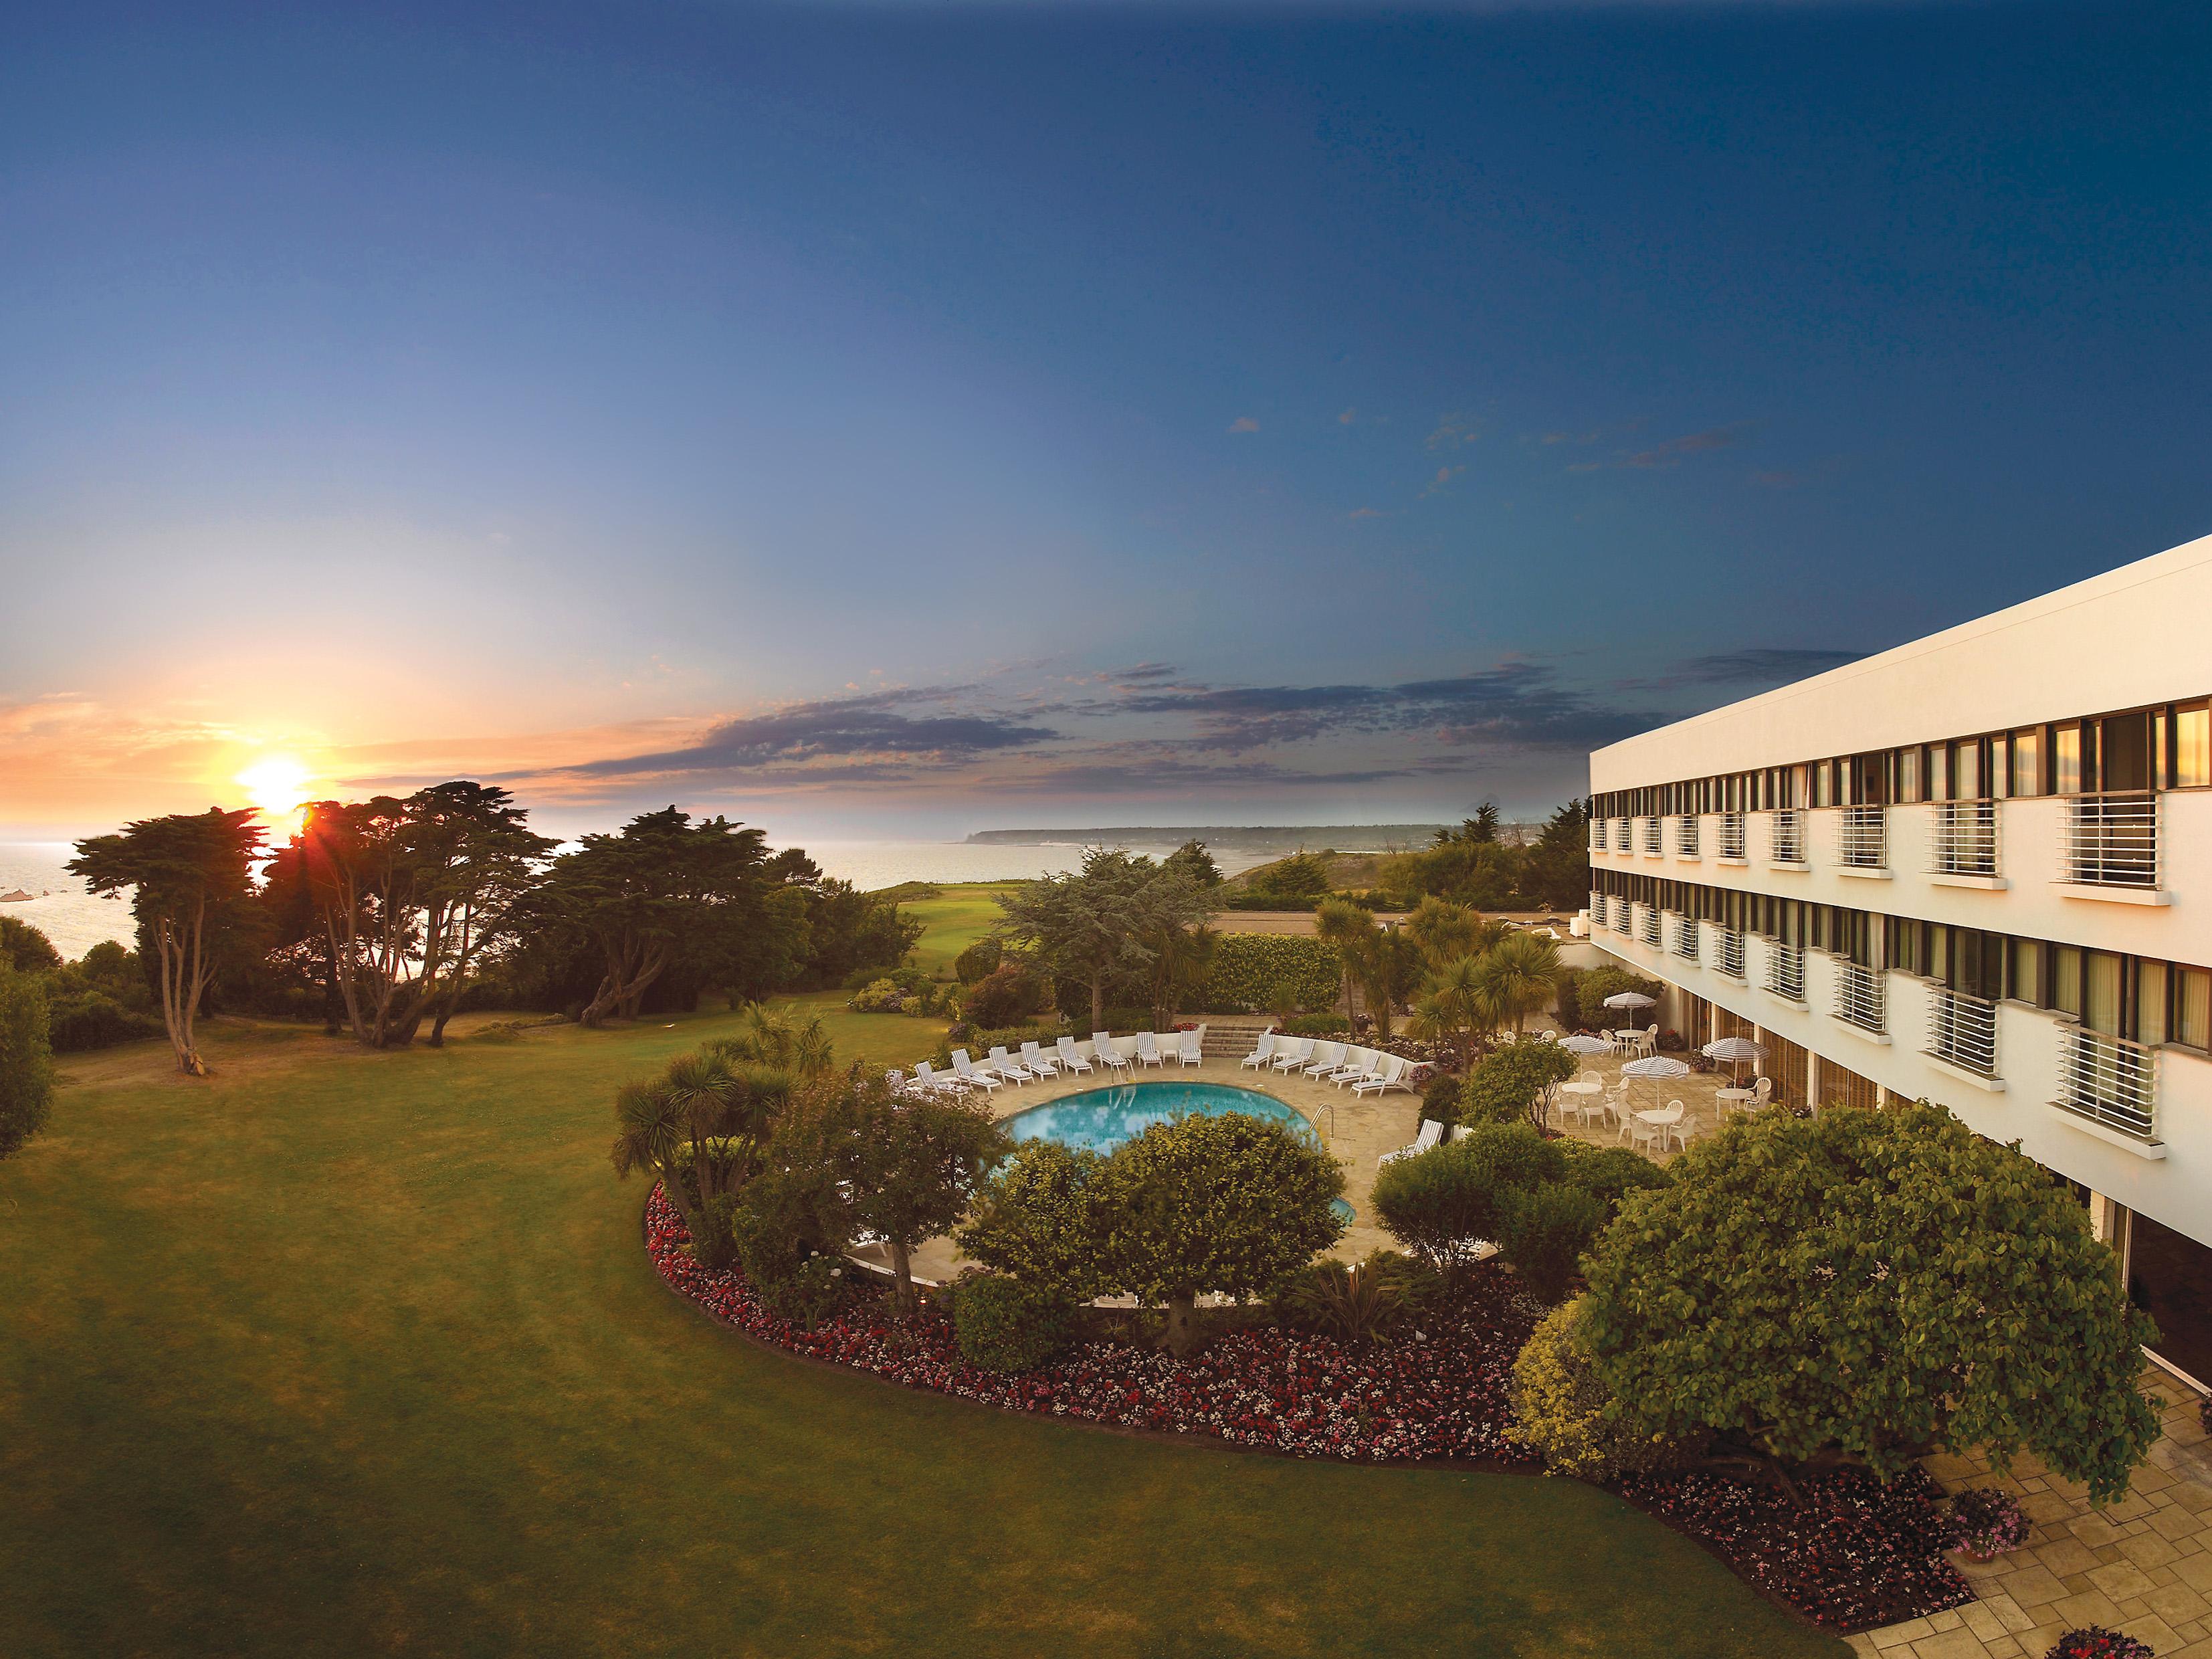 5947-0605-814-Atlantic-Hotel-Panorama-2.jpg